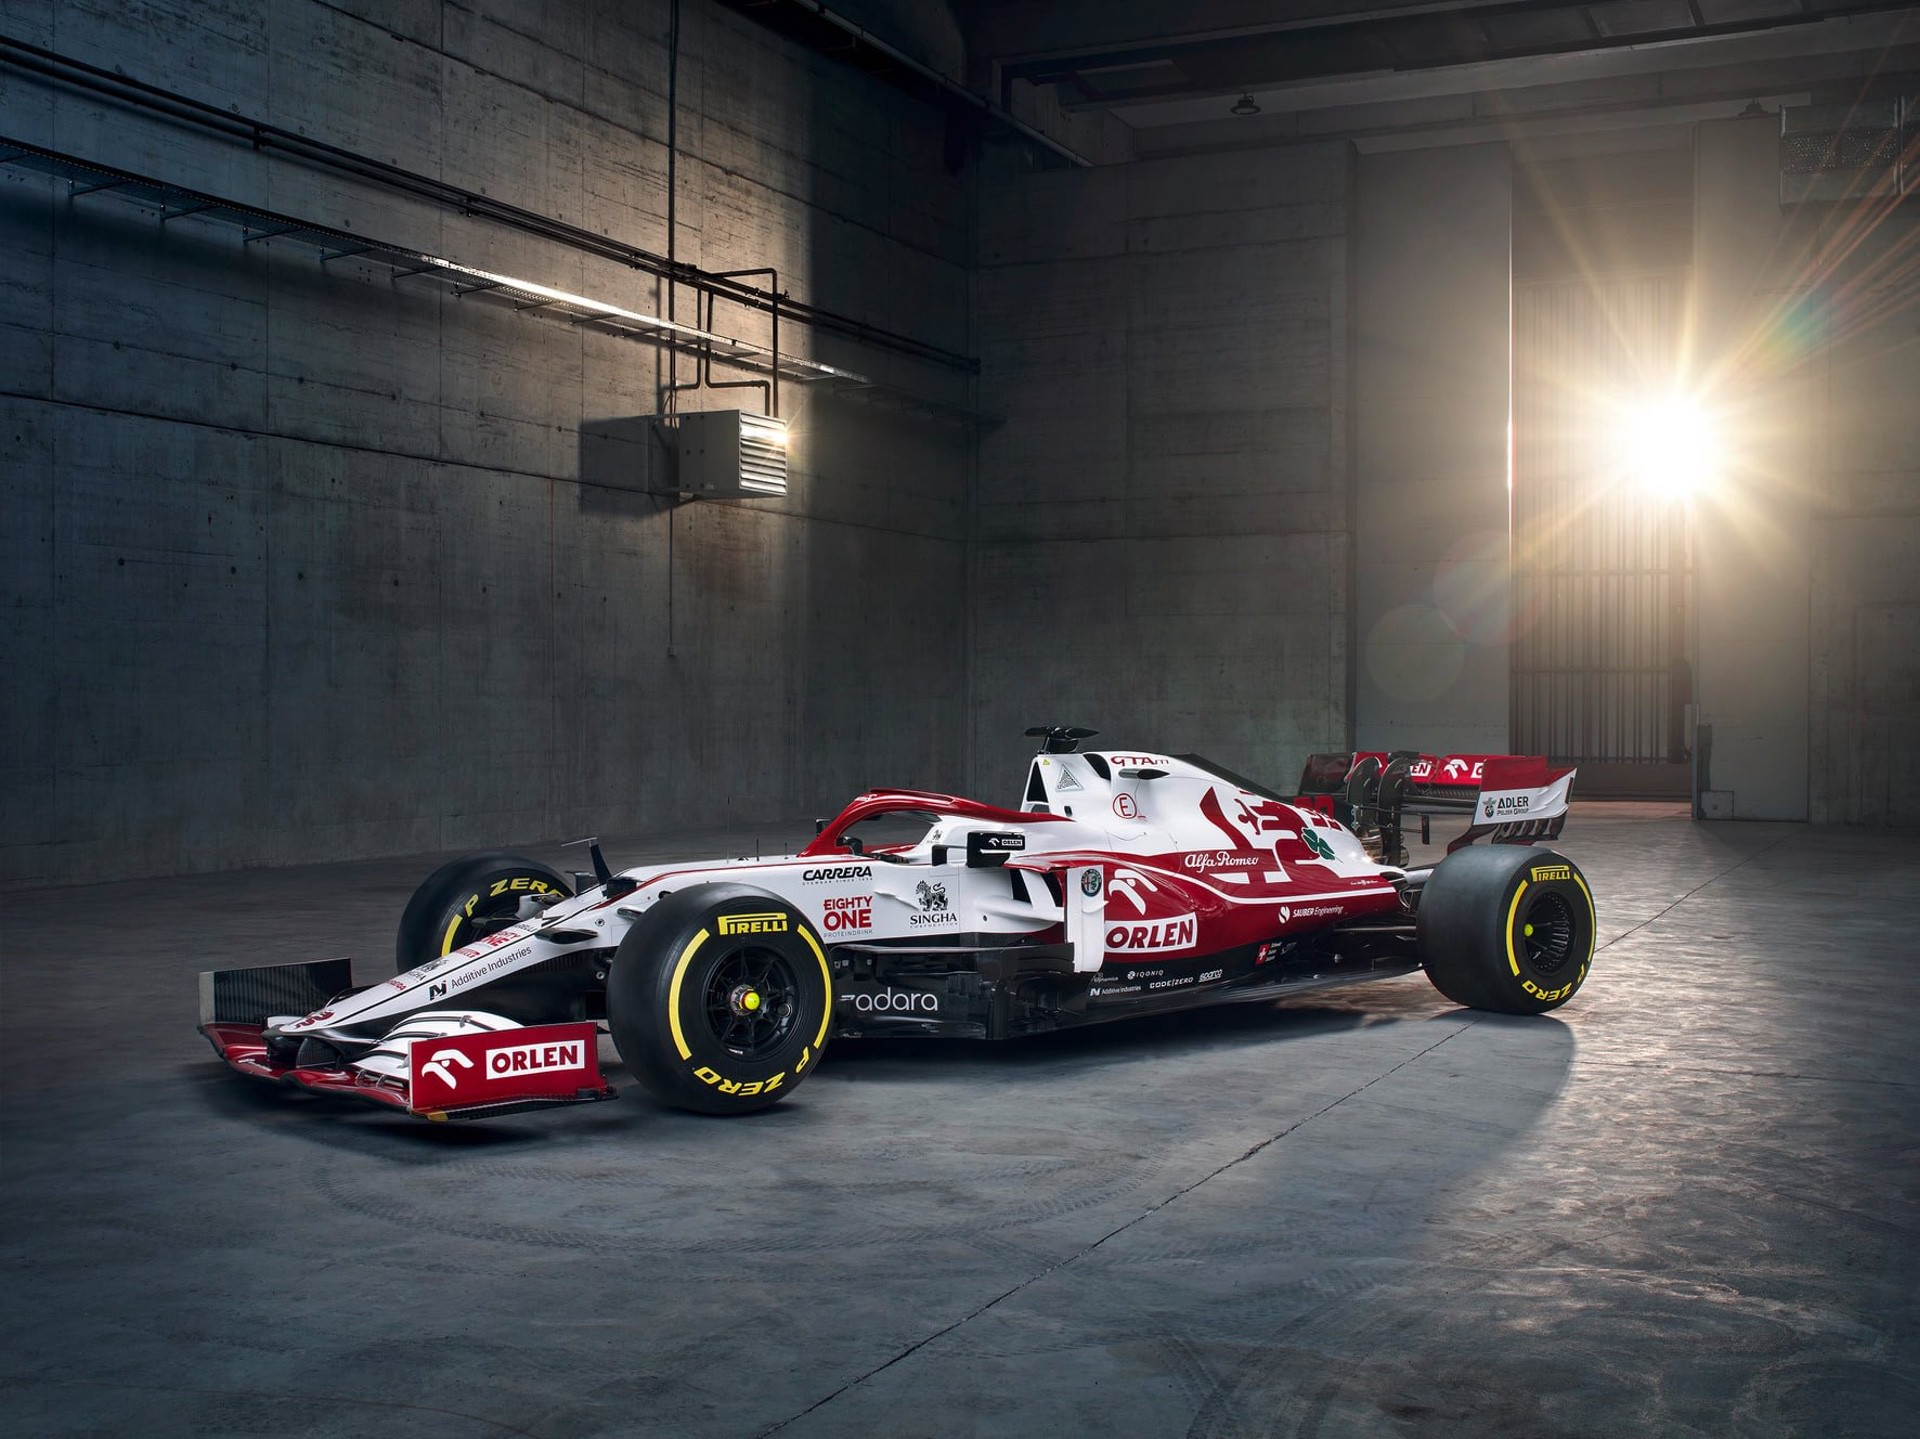 Η Alfa Romeo παρουσίασε το μονοθέσιο του 2021